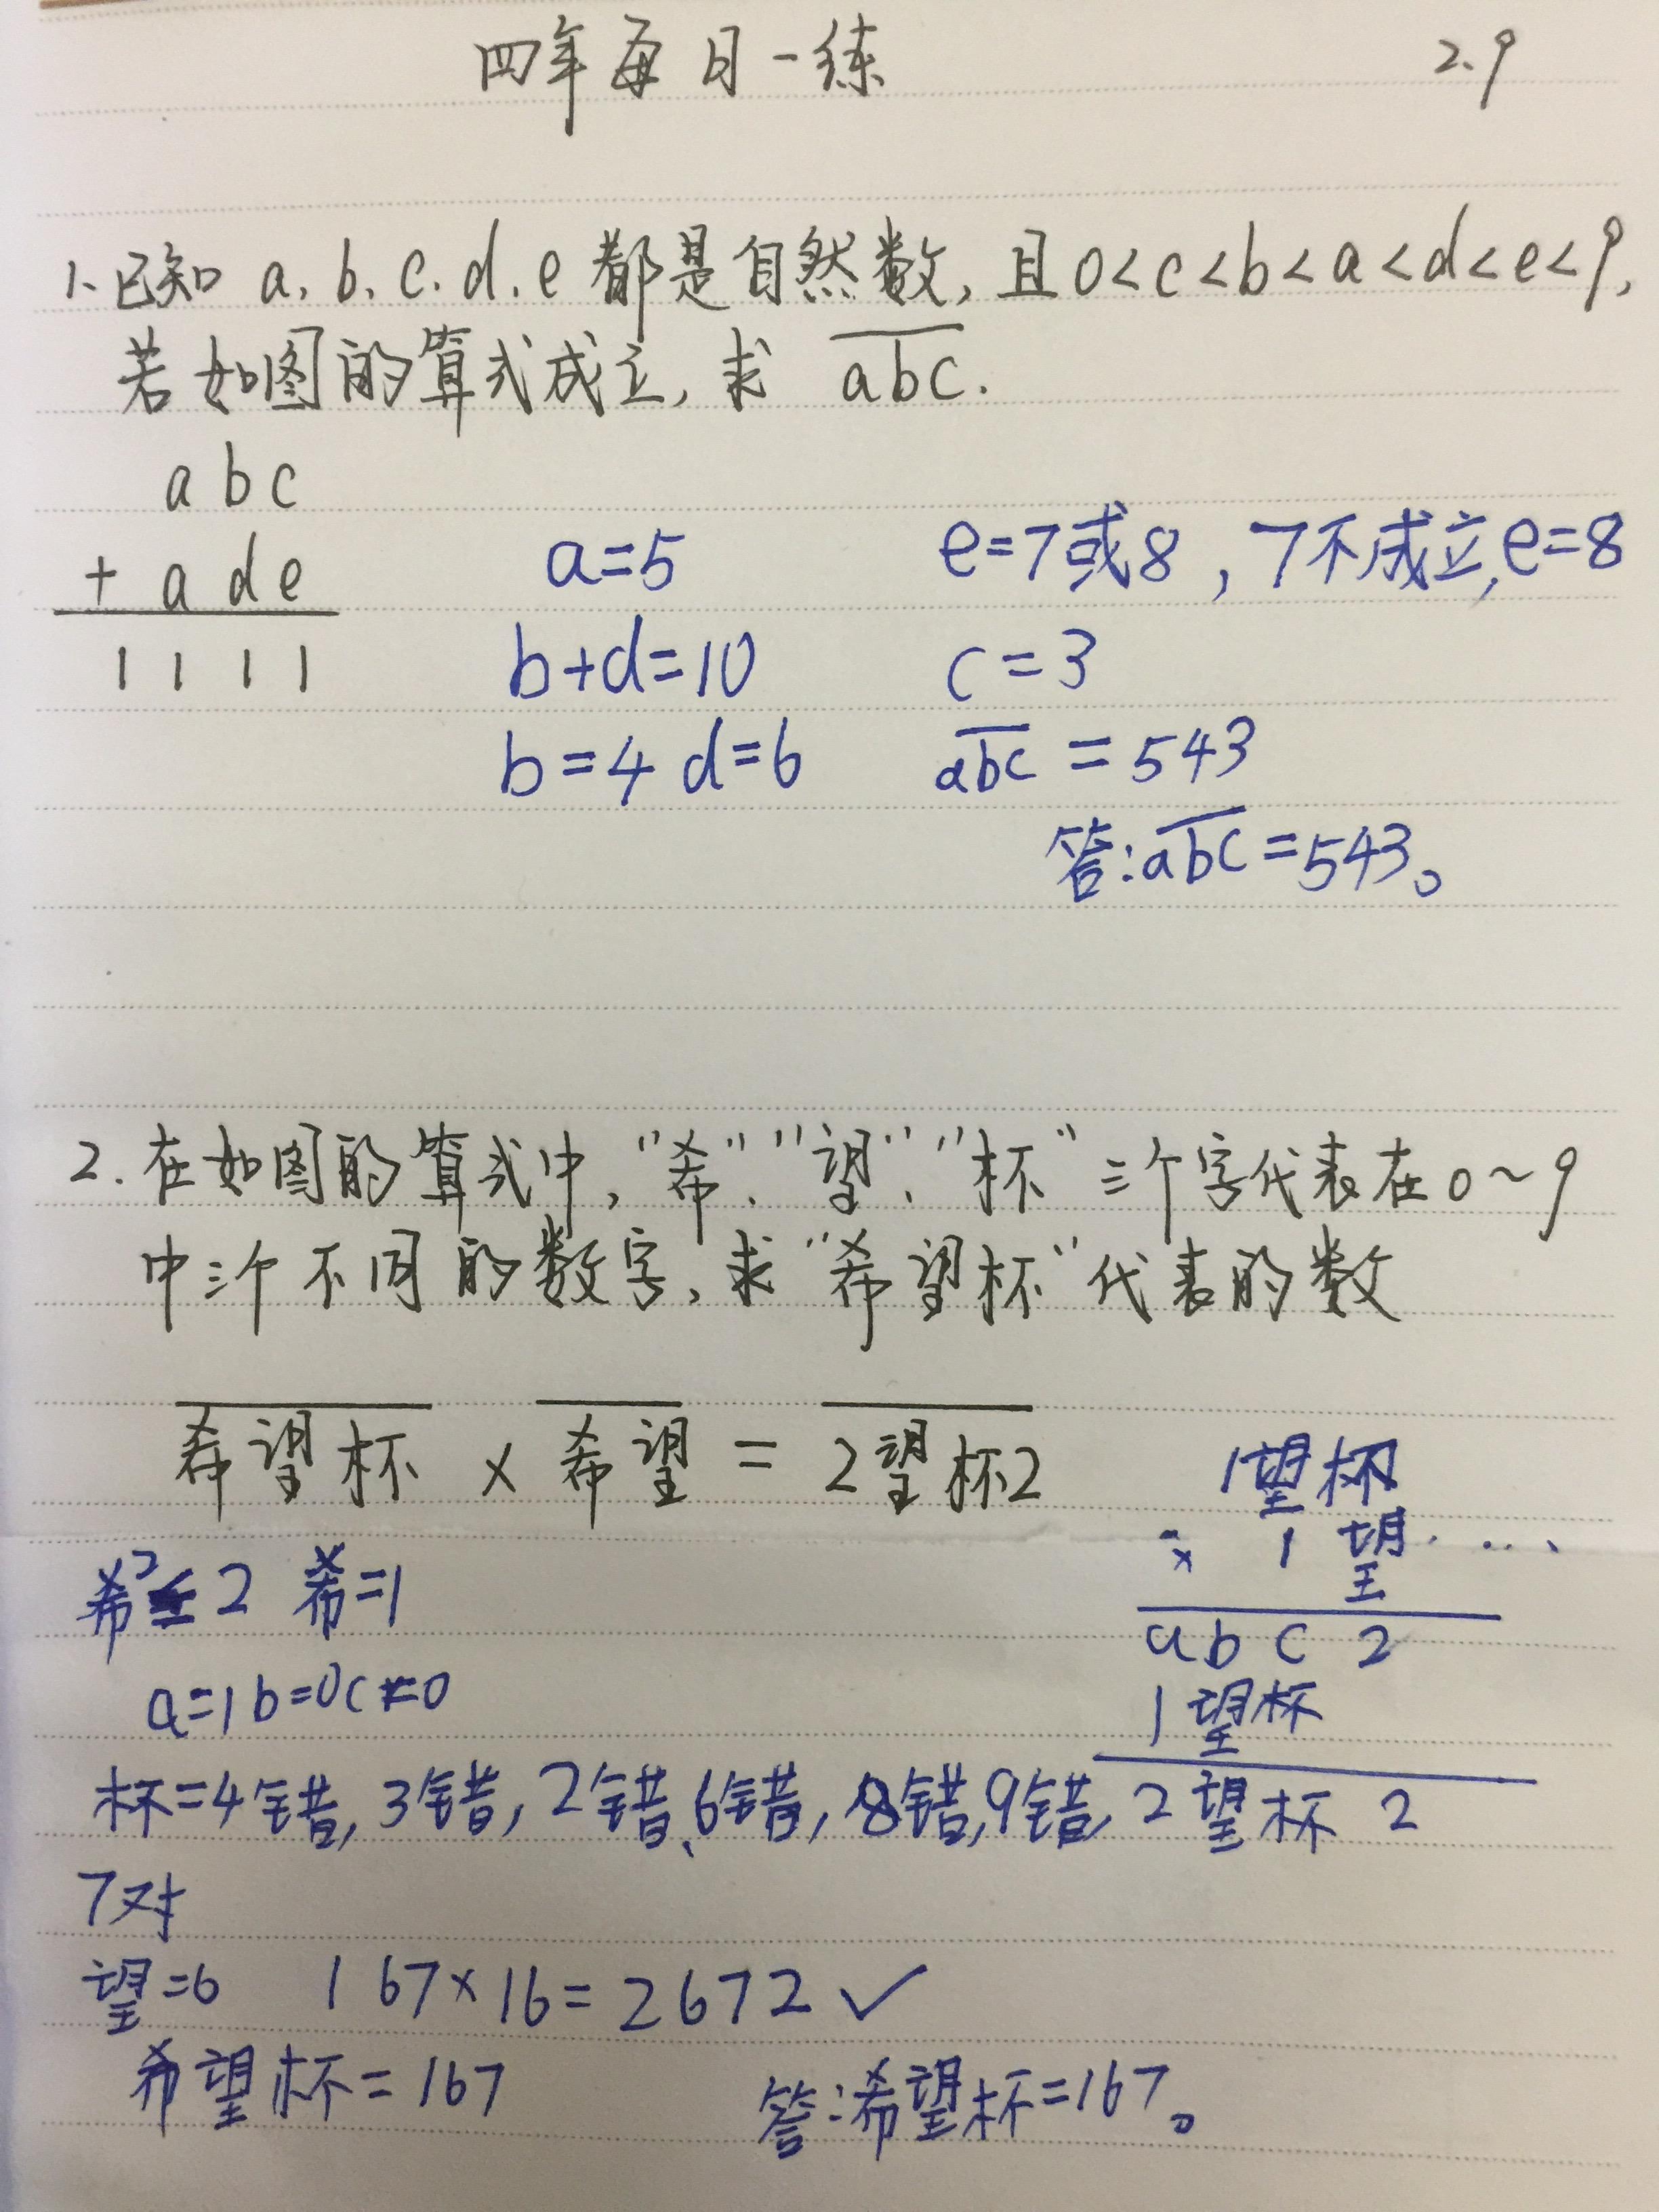 4B0211E0-2F16-48E3-BE1F-2D4558C6E5CB.jpg